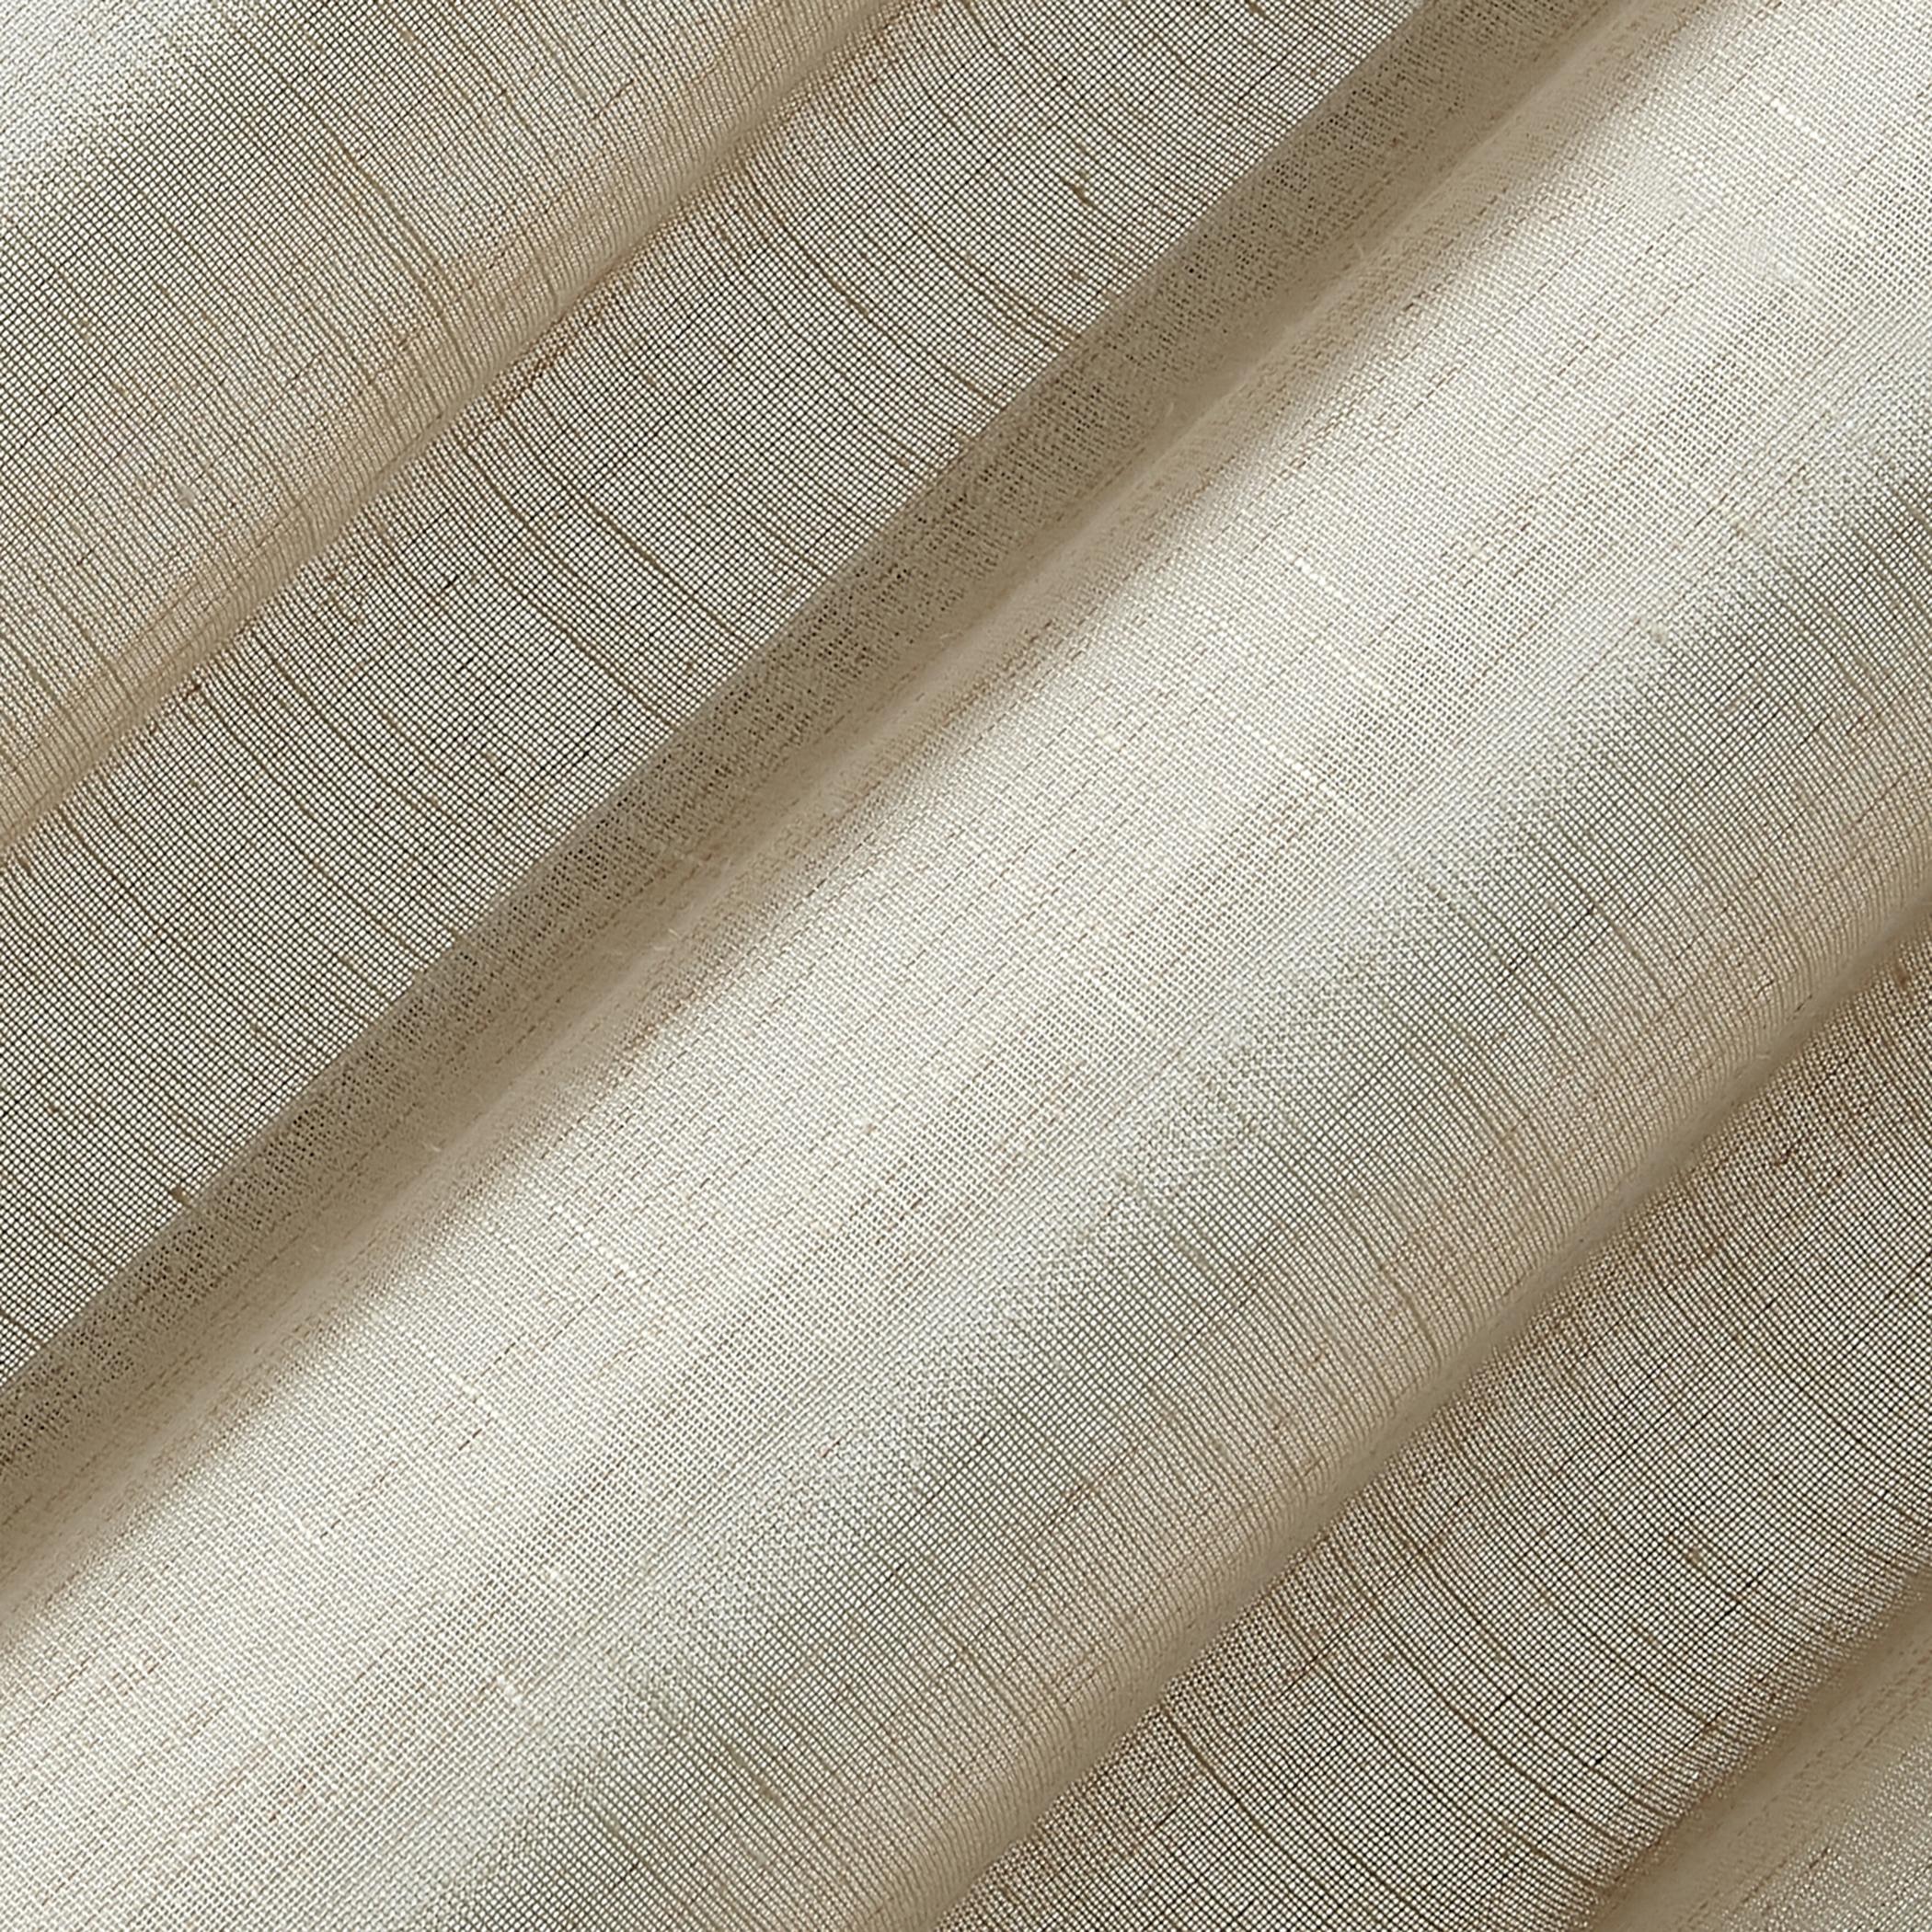 Archaeo Slub Textured Linen Blend Grommet Top Curtain Inside Archaeo Slub Textured Linen Blend Grommet Top Curtains (View 9 of 20)